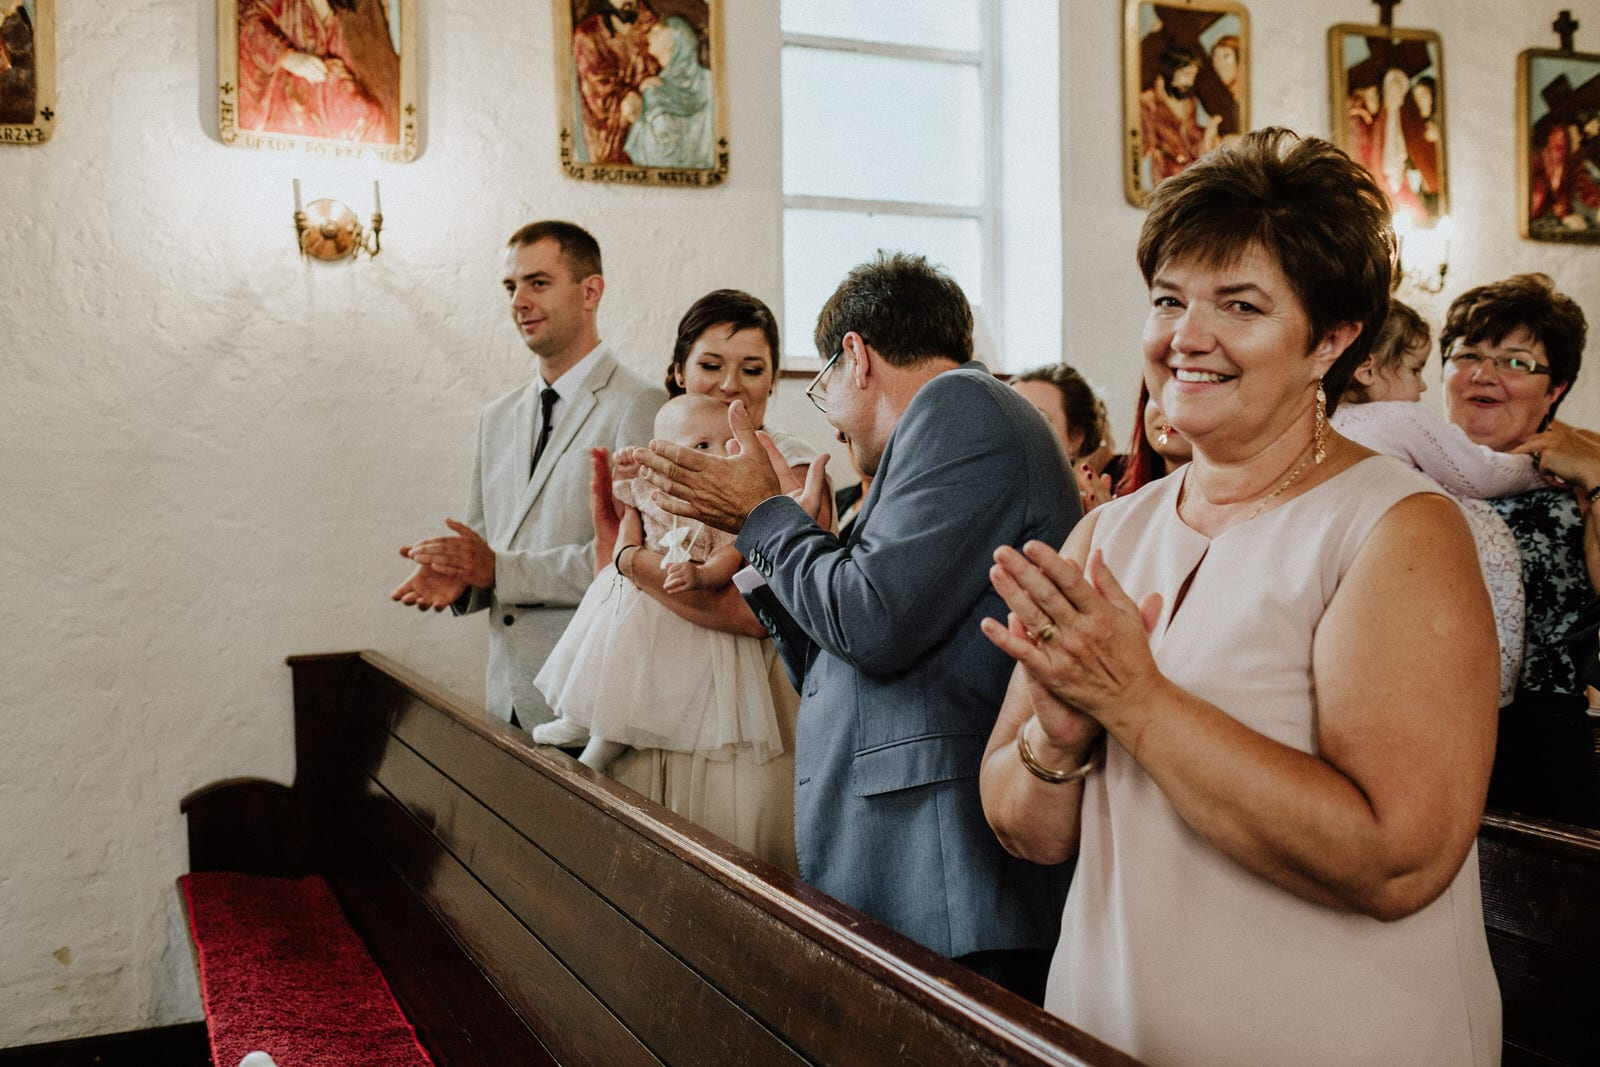 dekoracje BOHO, dekoracje ślubne, ręcznie robione dekoracje na śłub, sala weselna na ślub BOHO, ślub BOHO, Zatrzymać Chwilę nad Miedwiem Zatrzymać Chwile nad Miedwiem